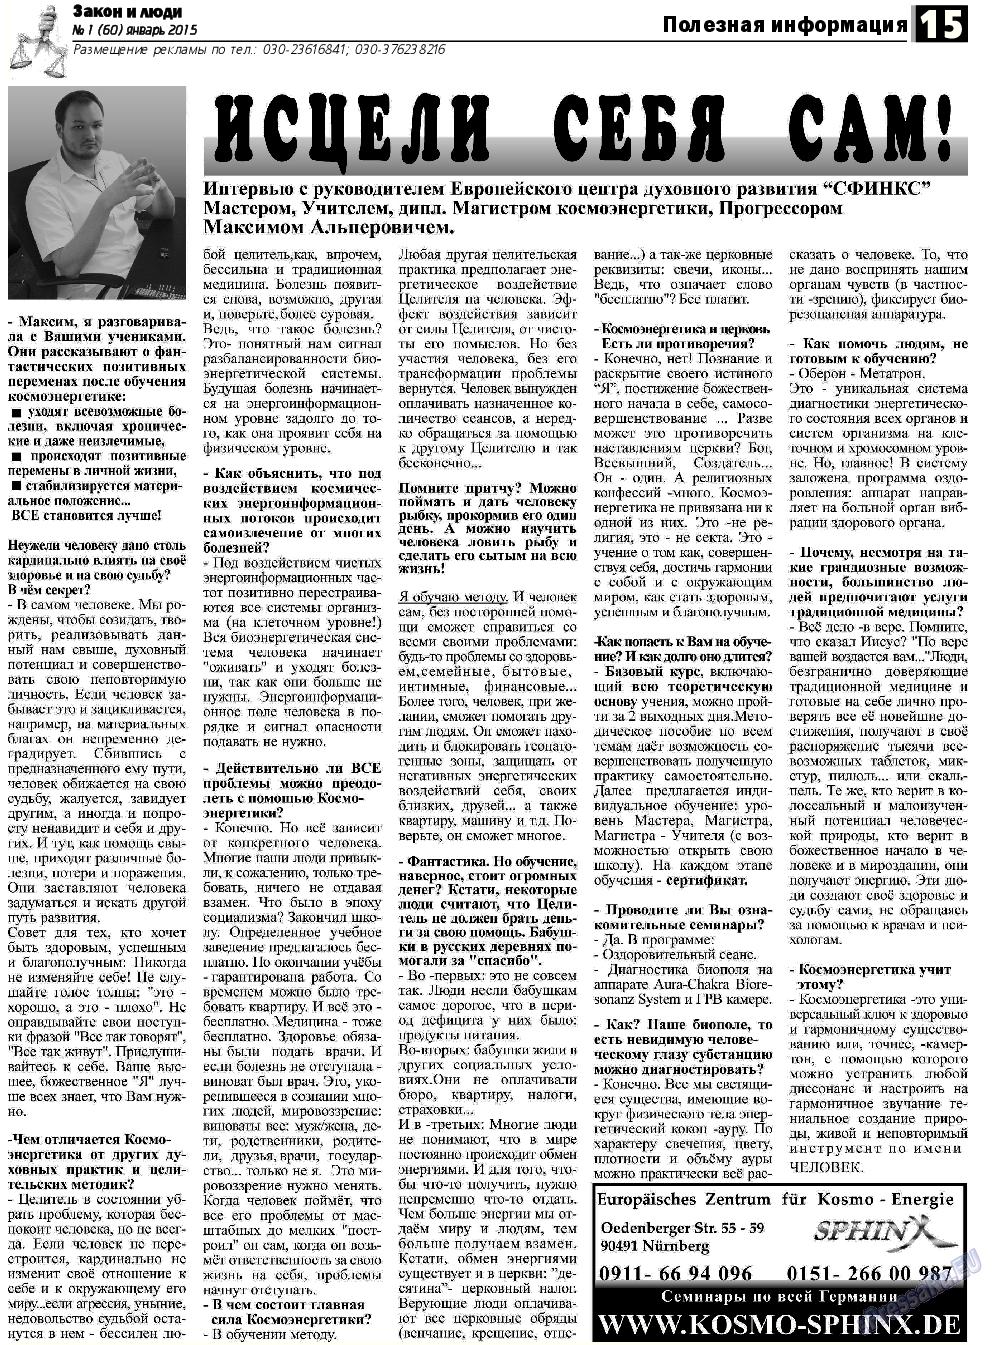 Закон и люди (газета). 2015 год, номер 1, стр. 15